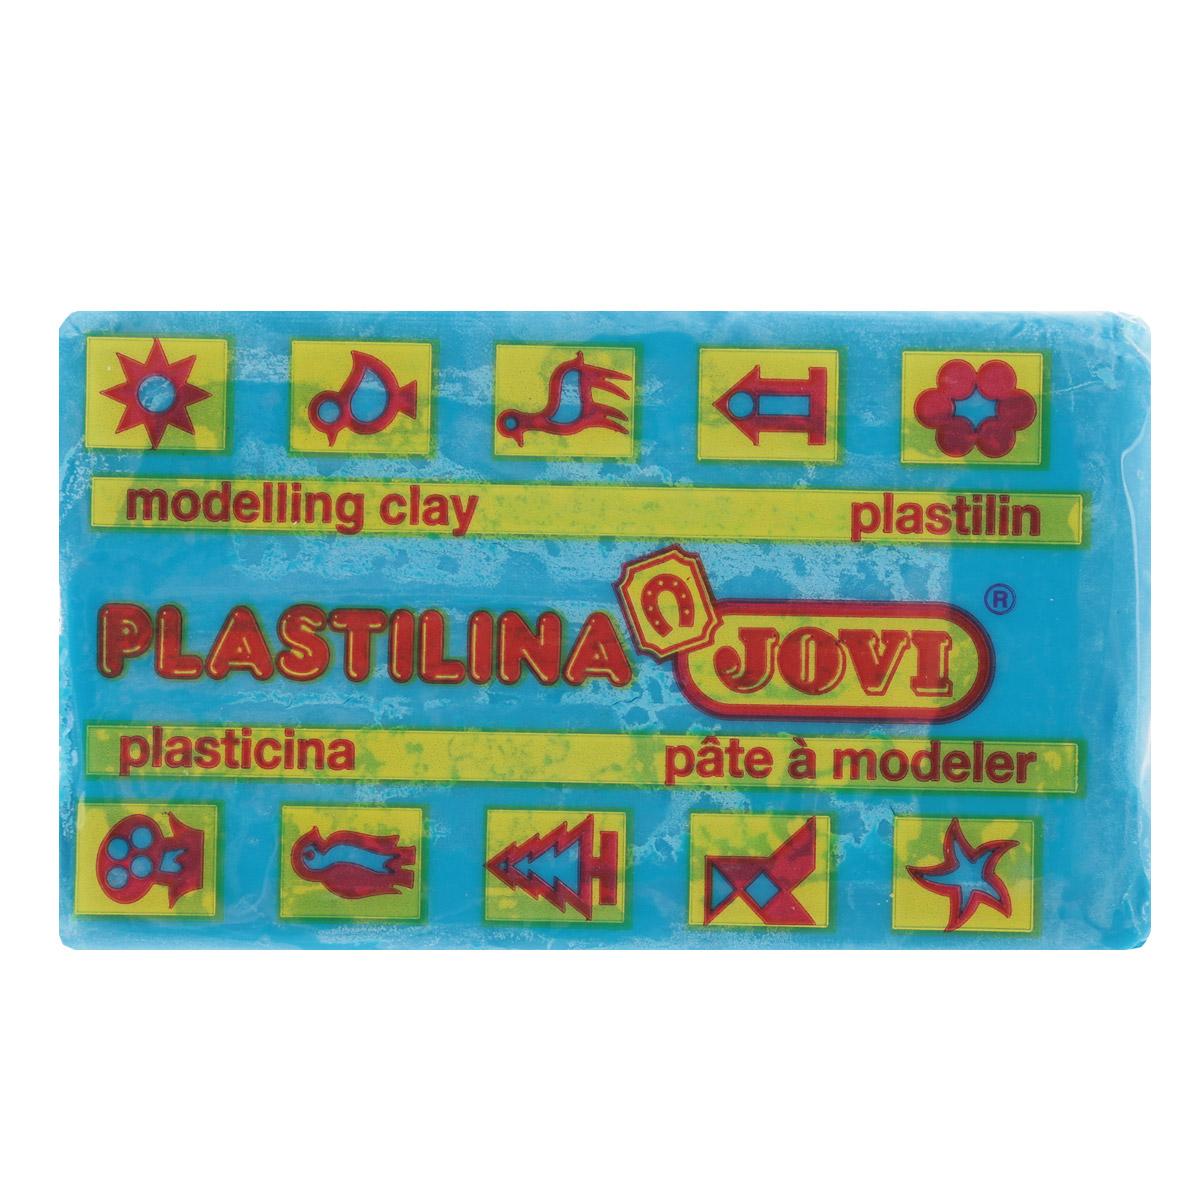 Jovi Пластилин, цвет: голубой, 50 г70/30U_голубойПластилин Jovi - лучший выбор для лепки, он обладает превосходными изобразительными возможностями и поэтому дает простор воображению и самым смелым творческим замыслам. Пластилин, изготовленный на растительной основе, очень мягкий, легко разминается и смешивается, не пачкает руки и не прилипает к рабочей поверхности. Пластилин пригоден для создания аппликаций и поделок, ручной лепки, моделирования на каркасе, пластилиновой живописи - рисовании пластилином по бумаге, картону, дереву или текстилю. Пластические свойства сохраняются в течение 5 лет.